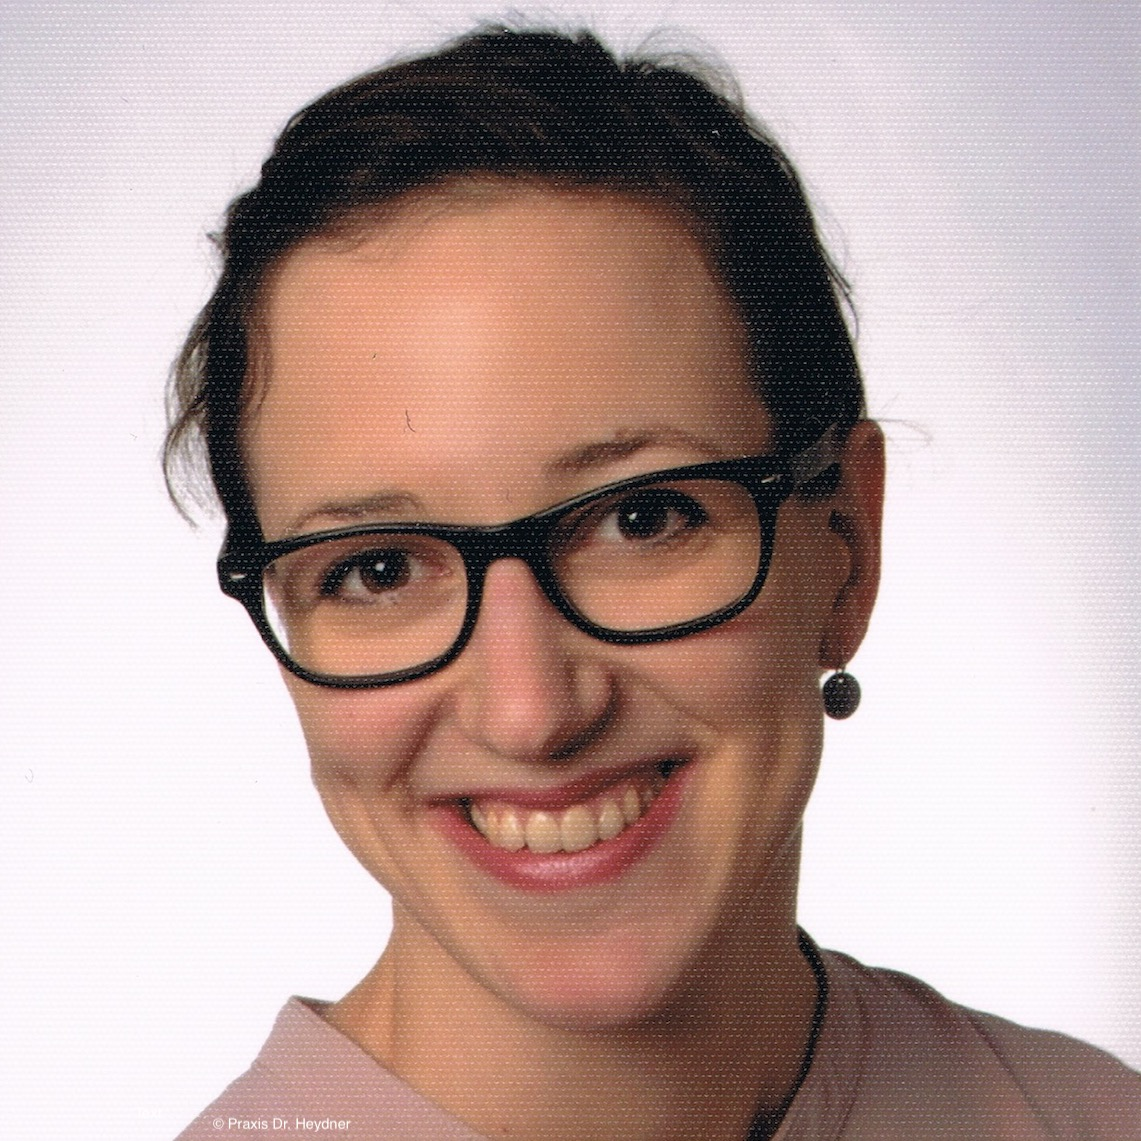 Hanna Unger